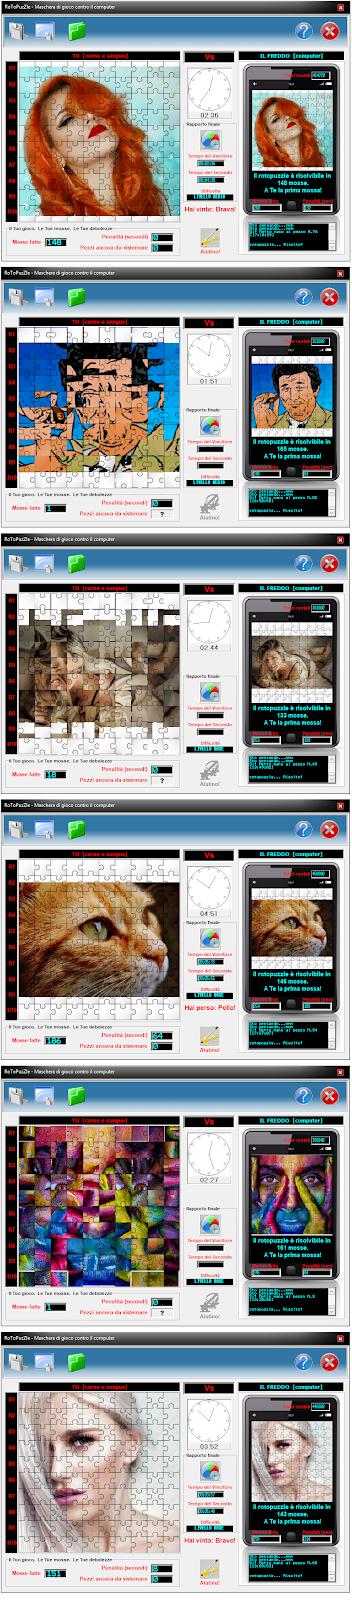 <b>Trasforma le tue foto in <i>rotopuzzle</i> giocabili e prova a risolverli prima del PC!</b>